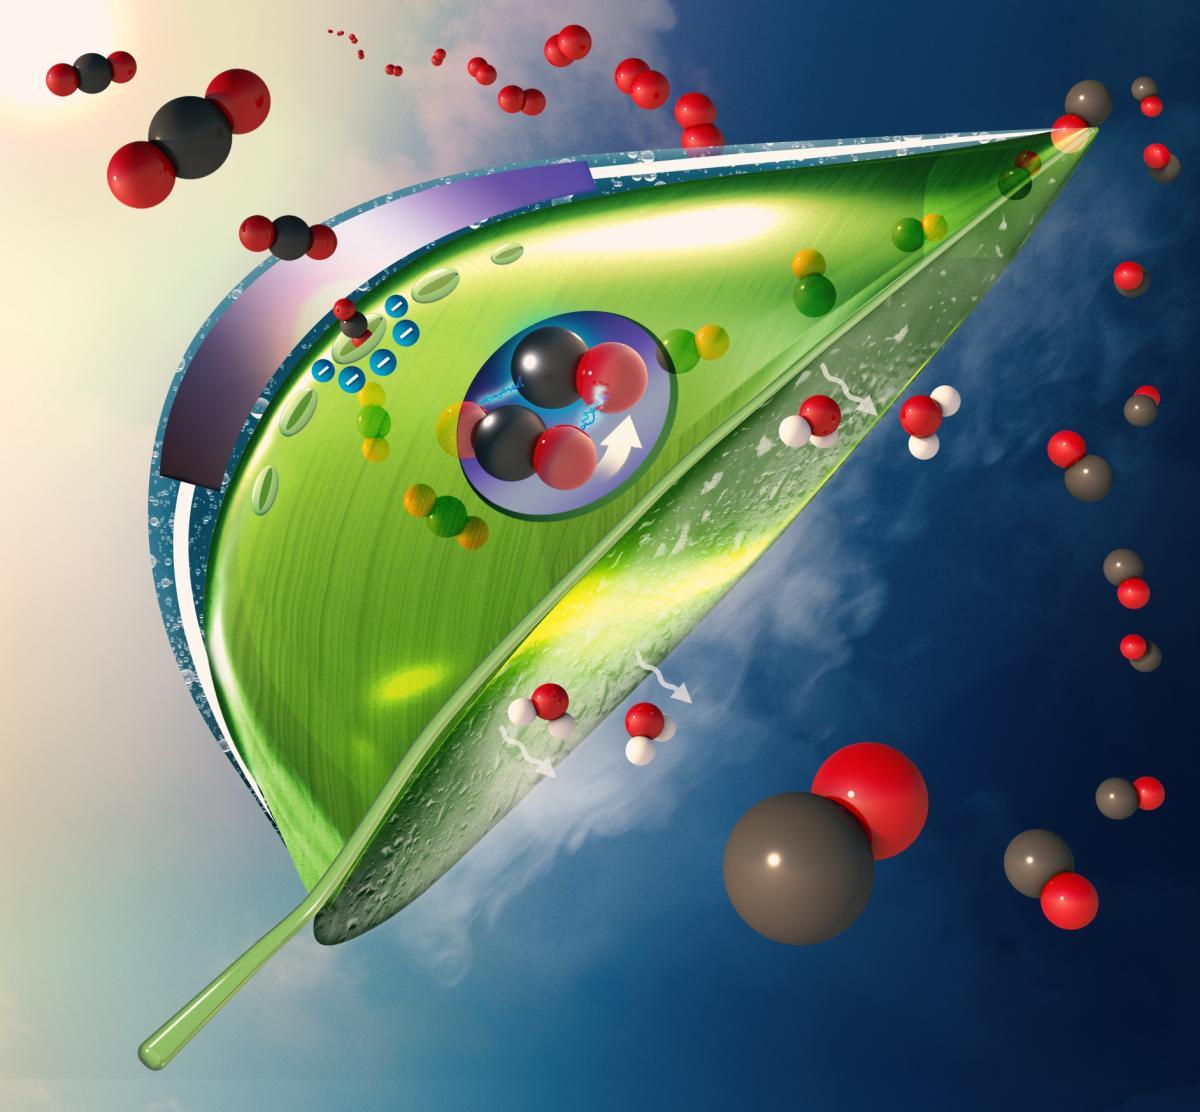 Искусственный лист преобразует CO2в угарный газ (CO) и кислород / фото Meenesh Singh/today.uic.edu